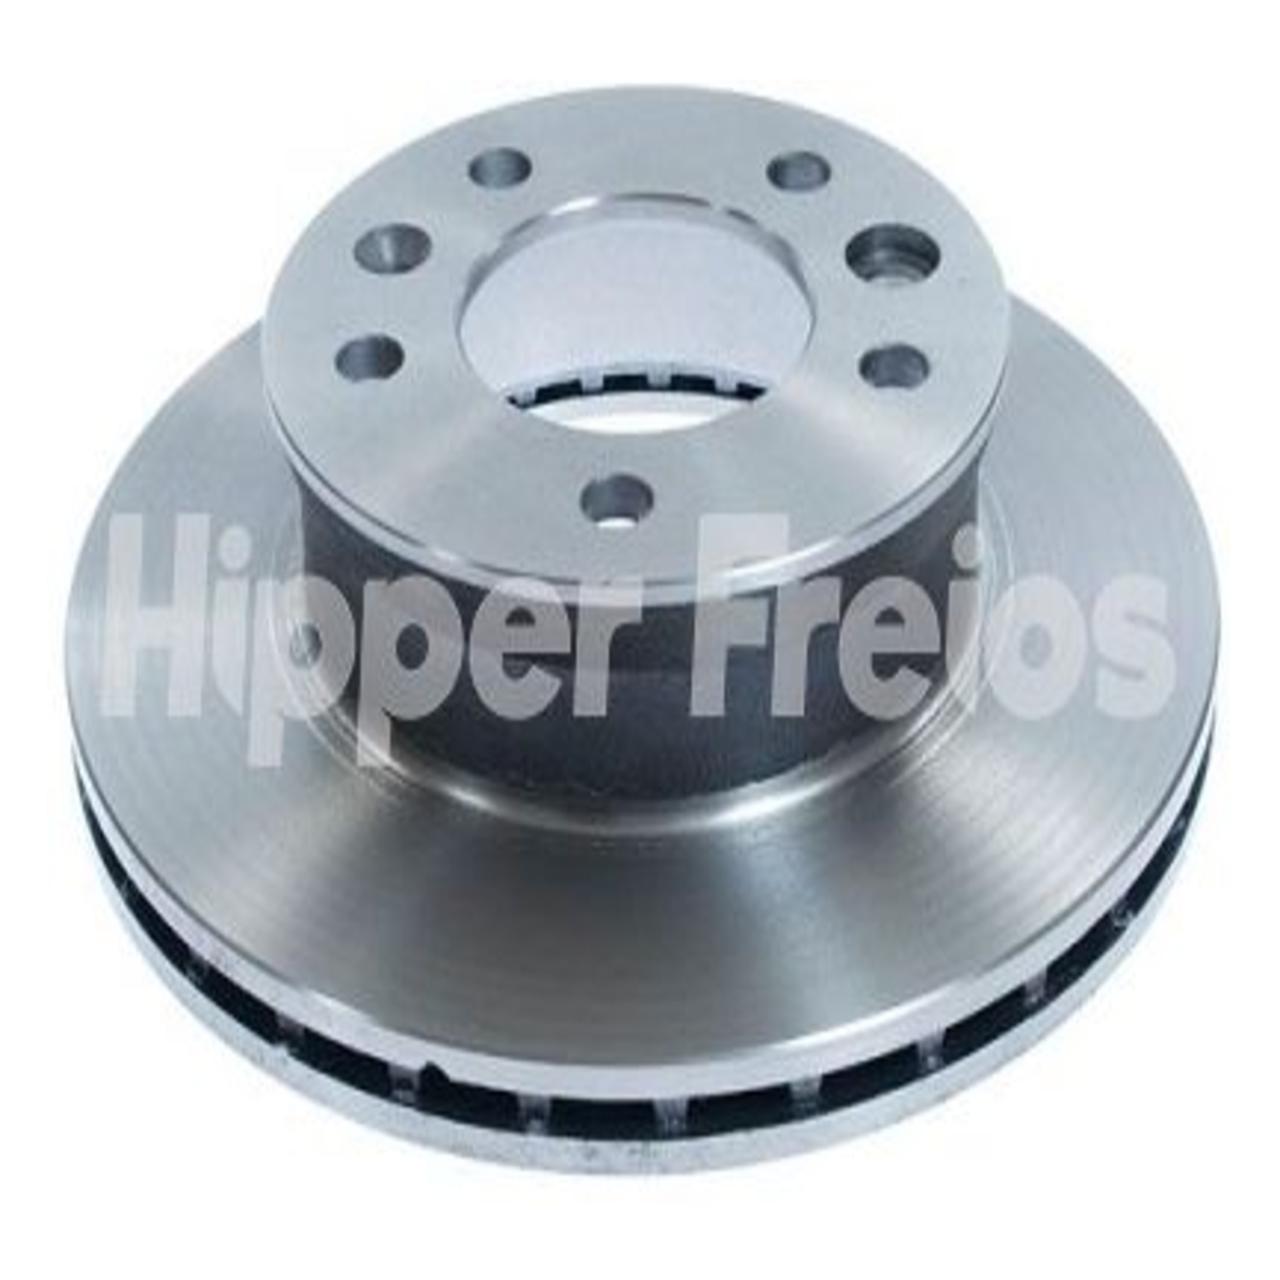 DISCO FREIO VENT. SPRINTER 416 ARO 16 HF471E HIPPER FREIOS